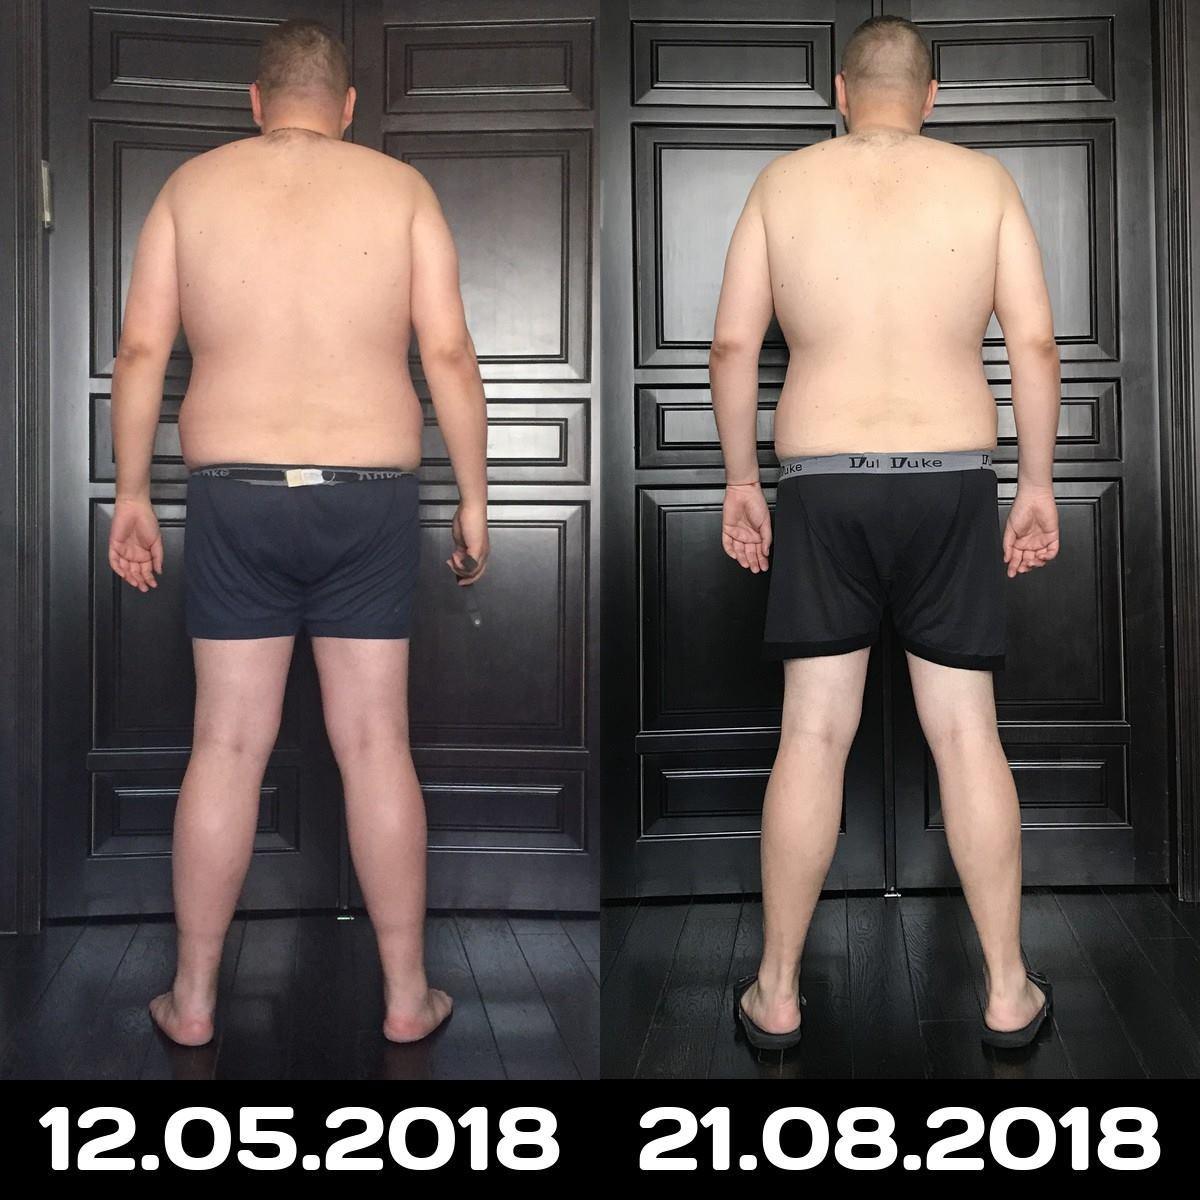 Как Похудеть Мужчине Варианты. Как быстро сбросить лишний вес мужчине: 8 советов для домашнего применения